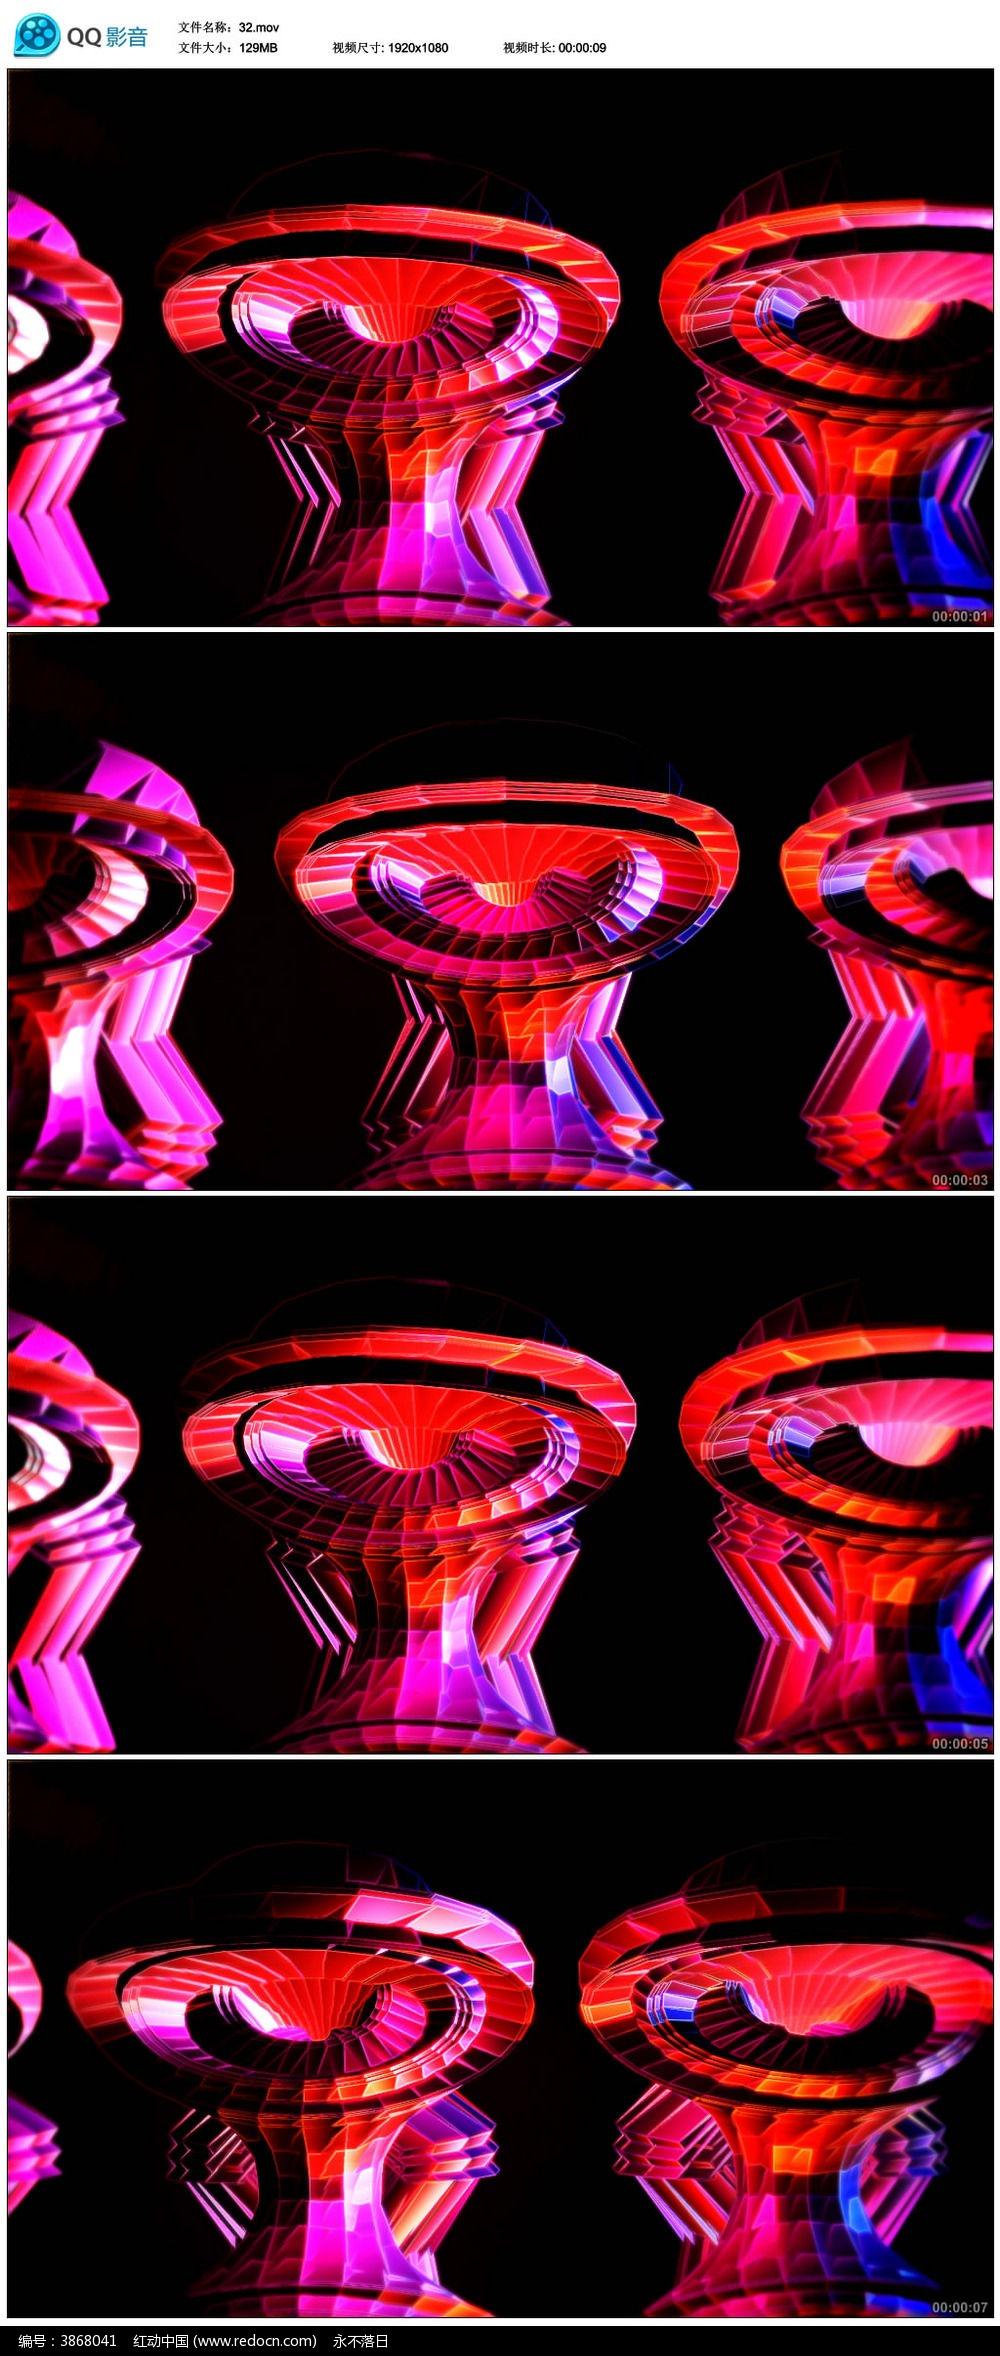 绚丽 舞蹈 炫彩 光线 光效 立体背景视频-11款 绚丽动感舞蹈LED视频